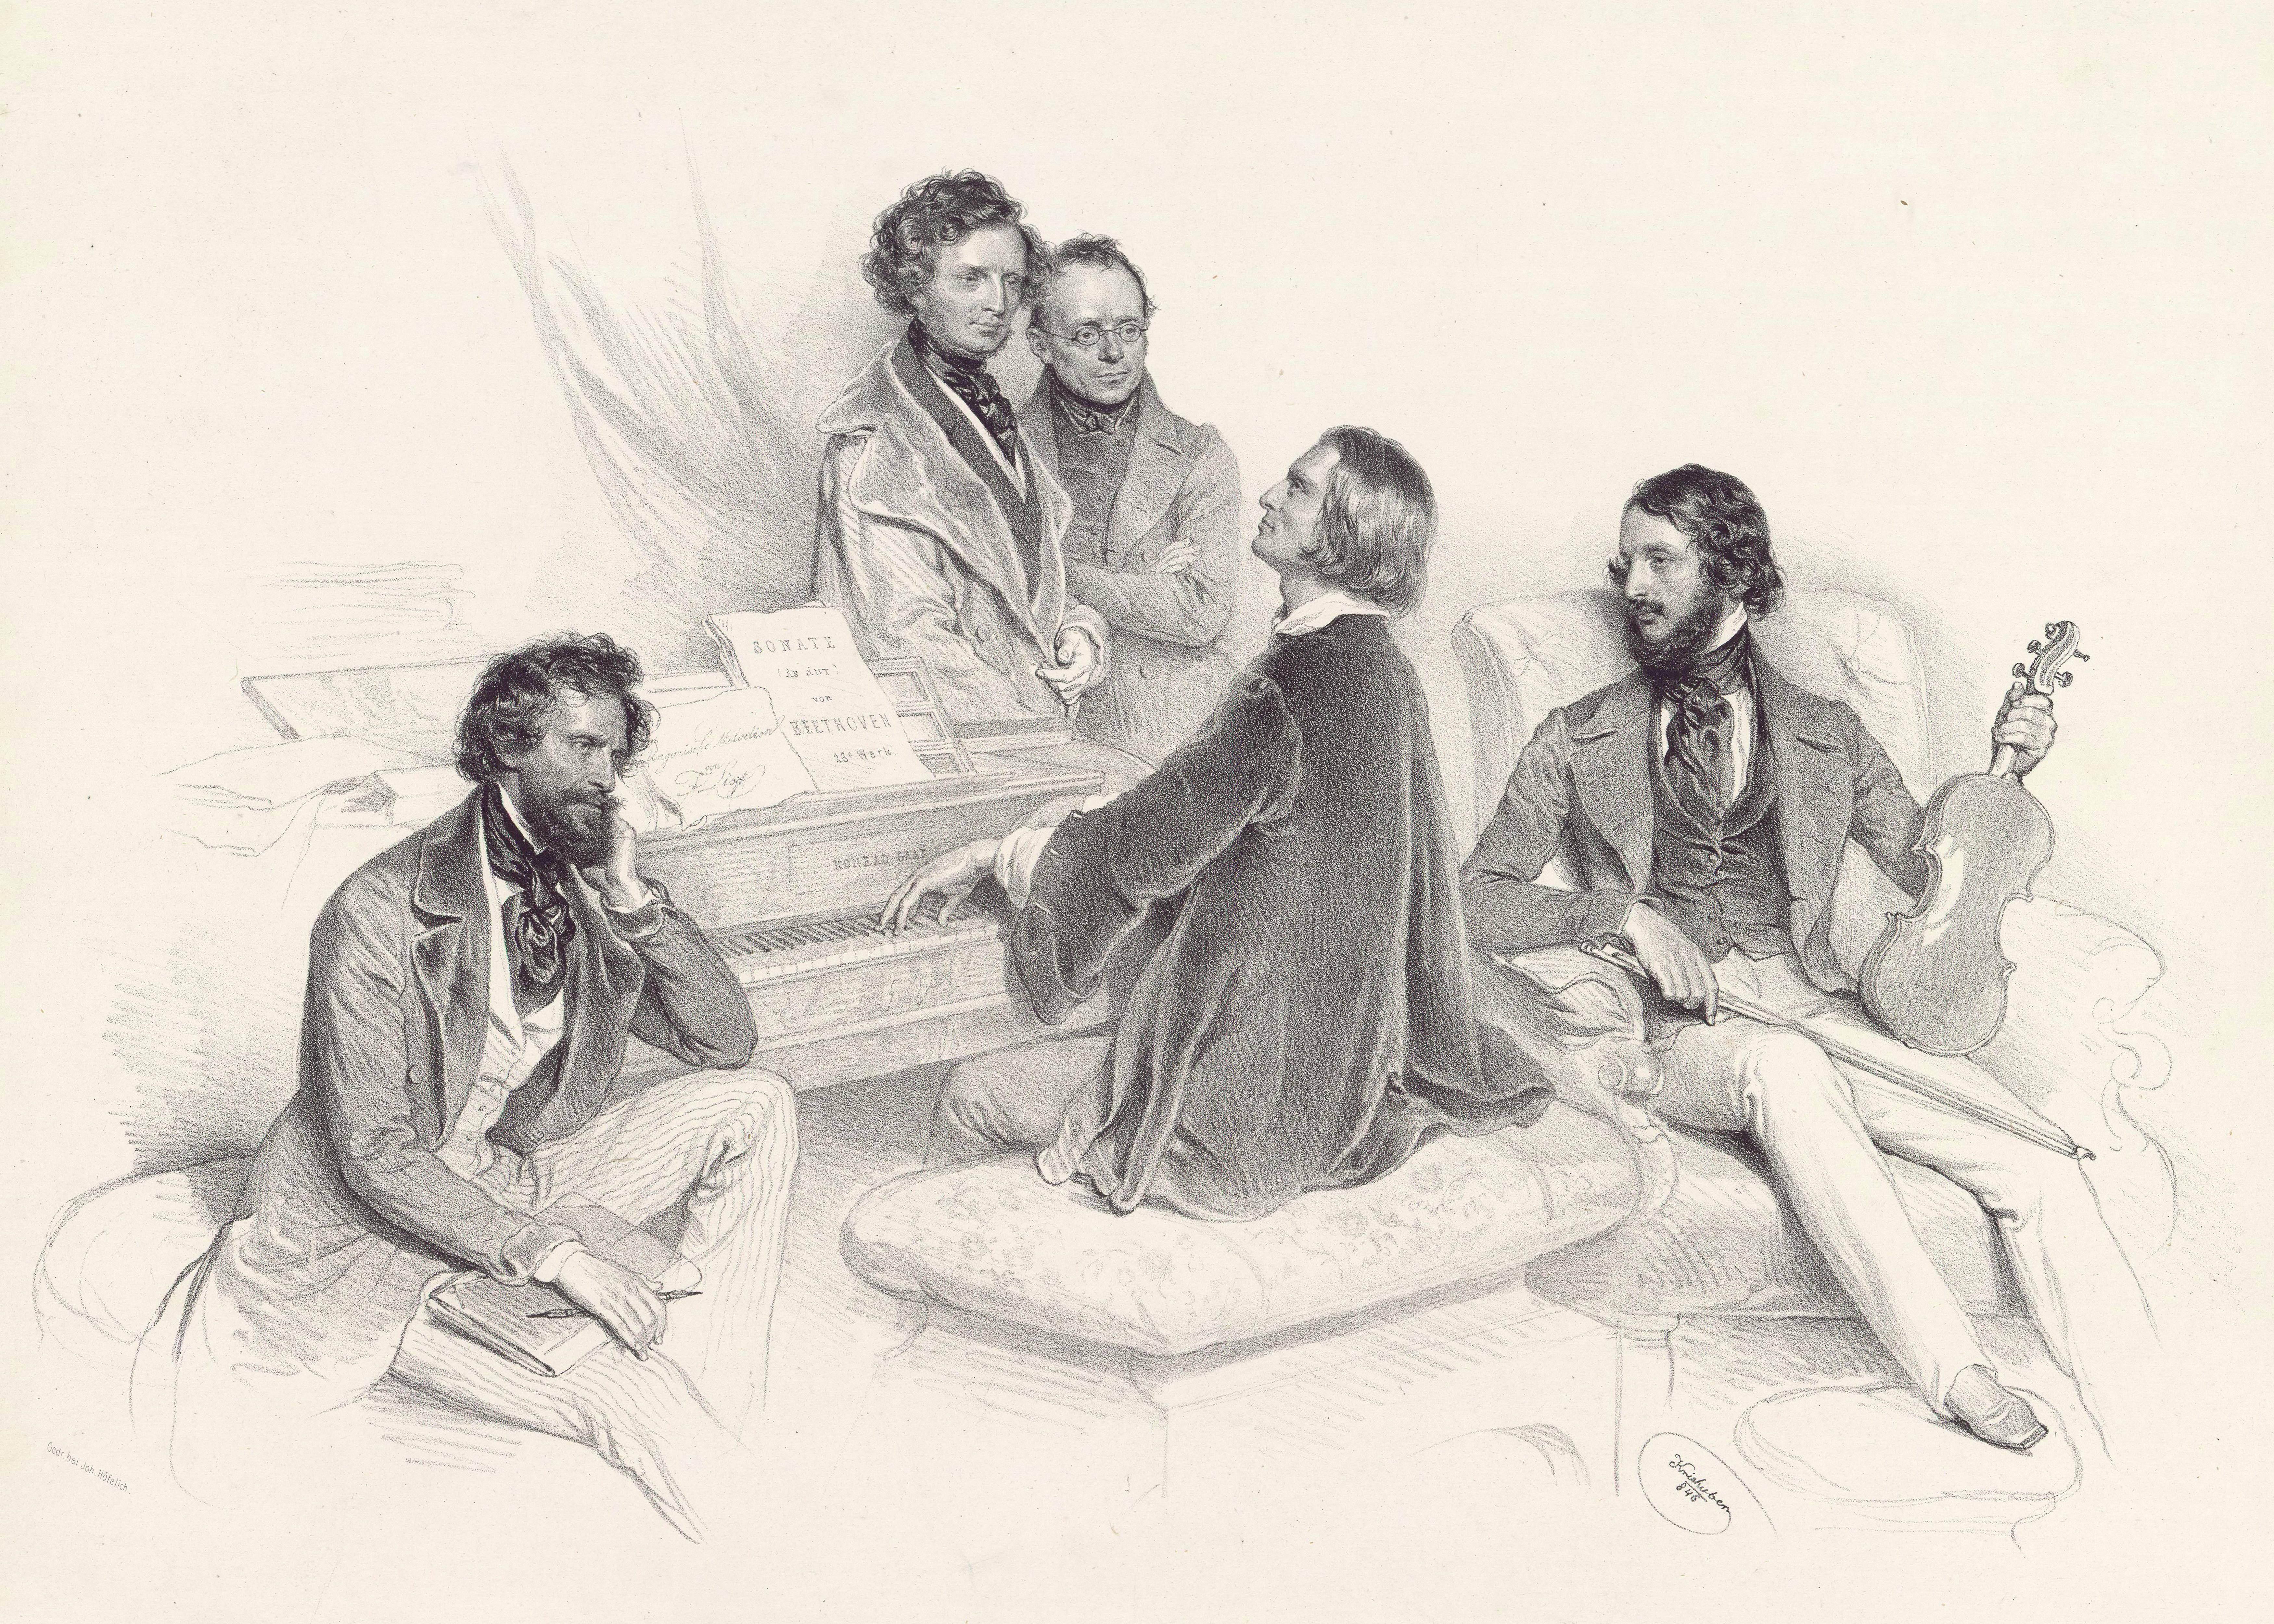 Joseph_Kriehuber%2C_Ein_Matin%C3%A9e_bei_Liszt%2C_1846.jpg